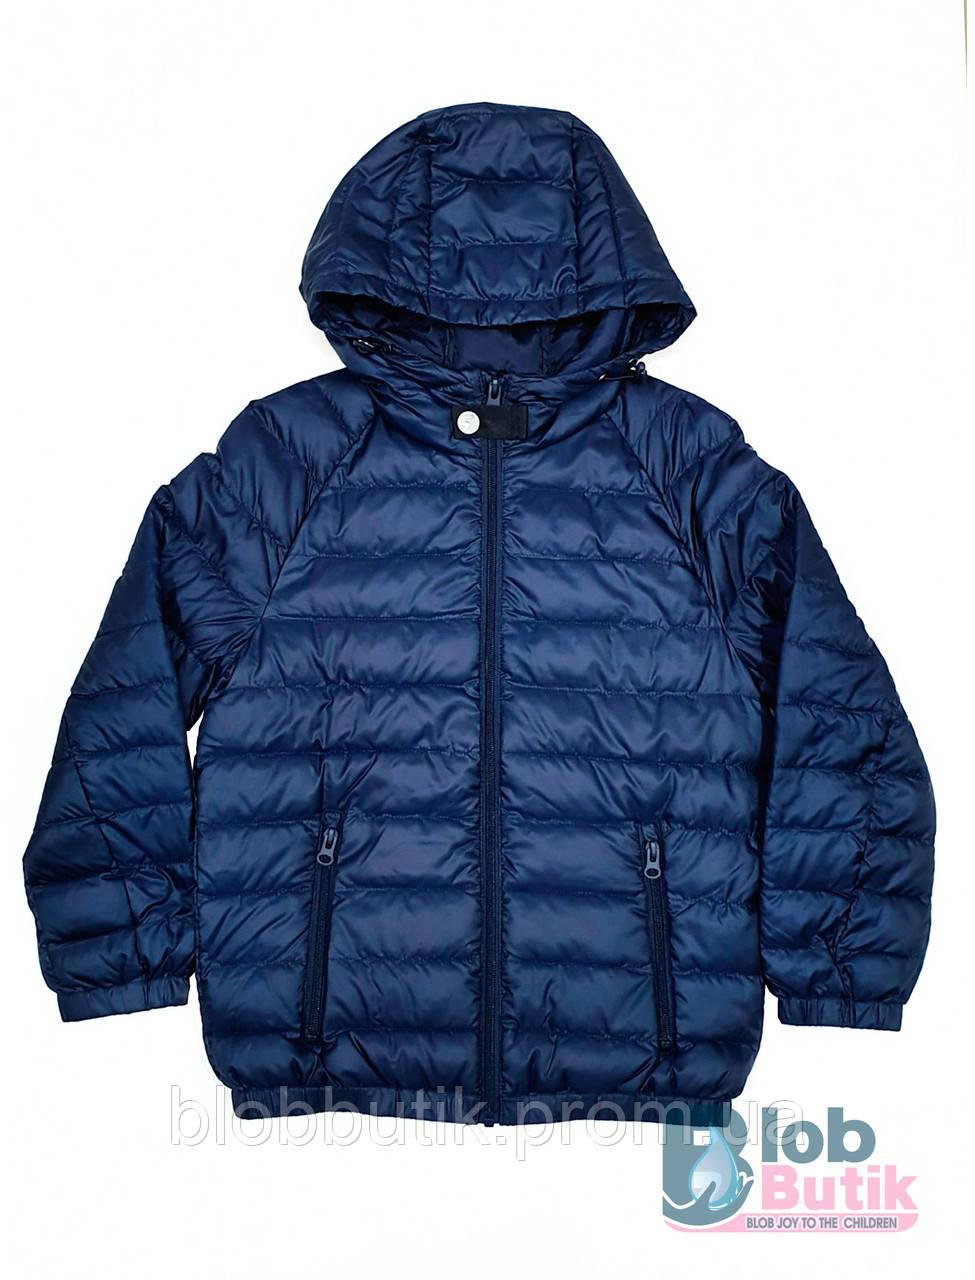 Куртка демисезонная синяя для мальчика